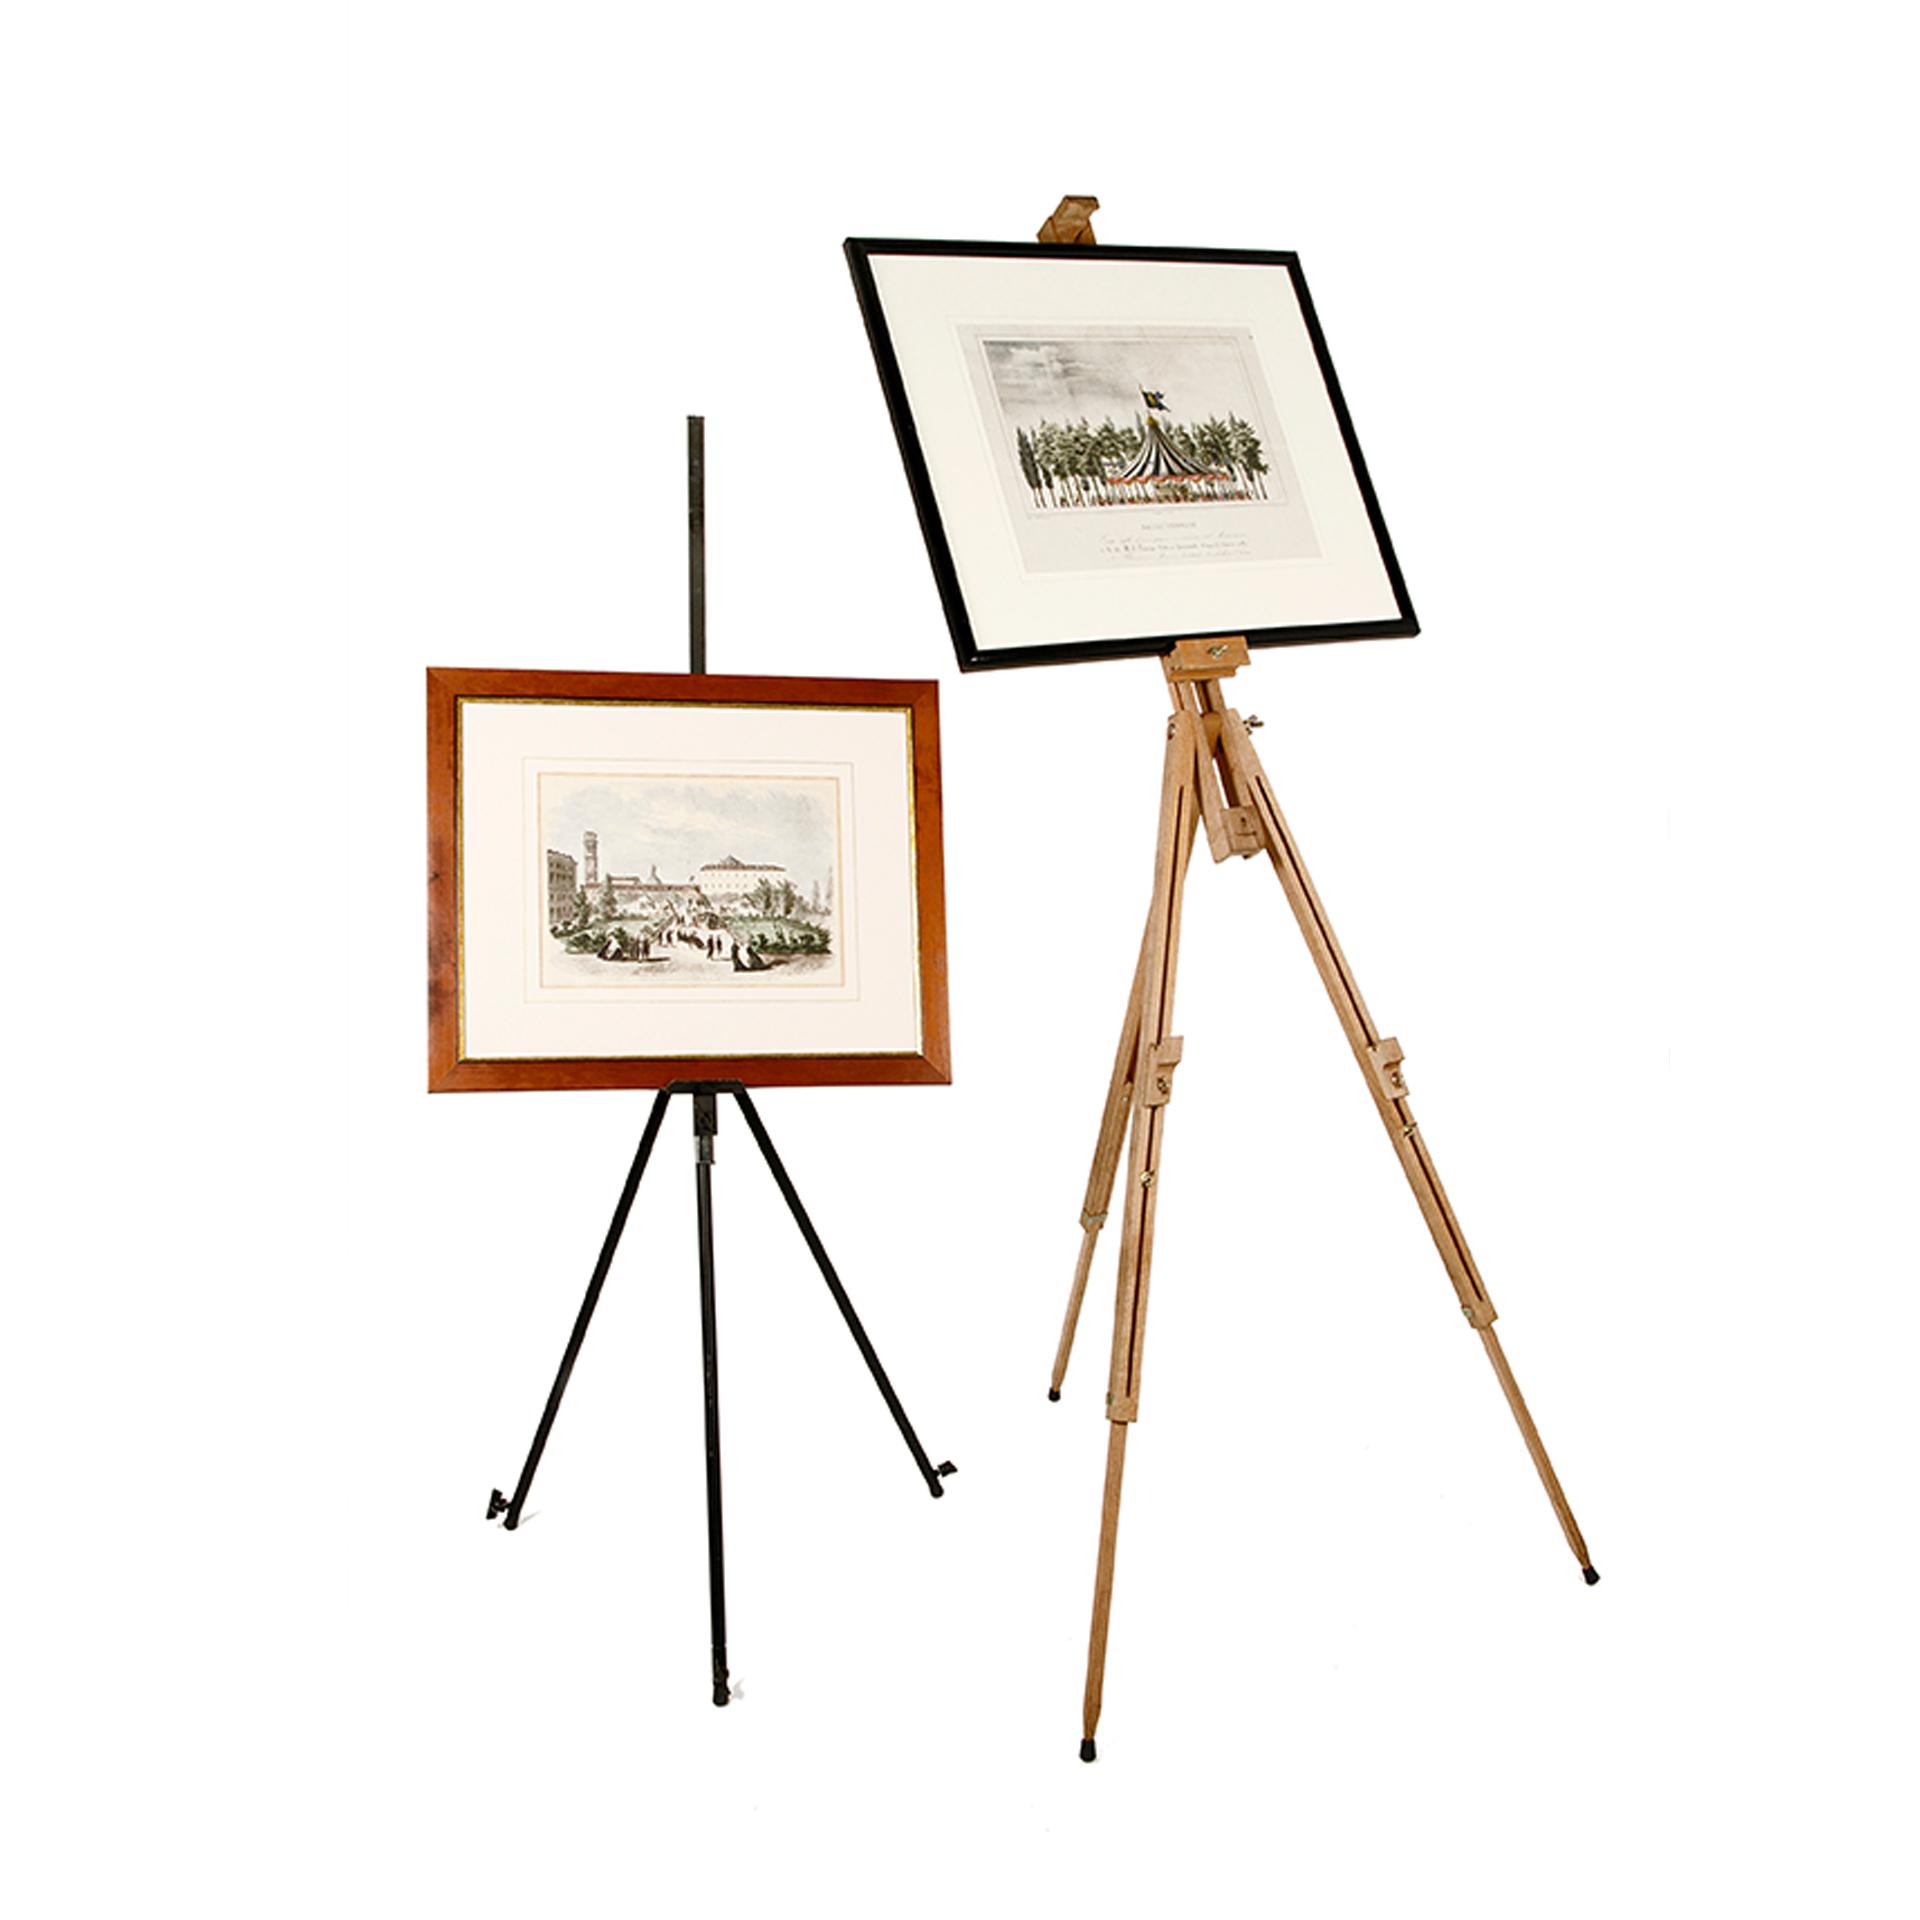 Cavalletto da pittore centro noleggio - Cavalletto da pittore da tavolo ...